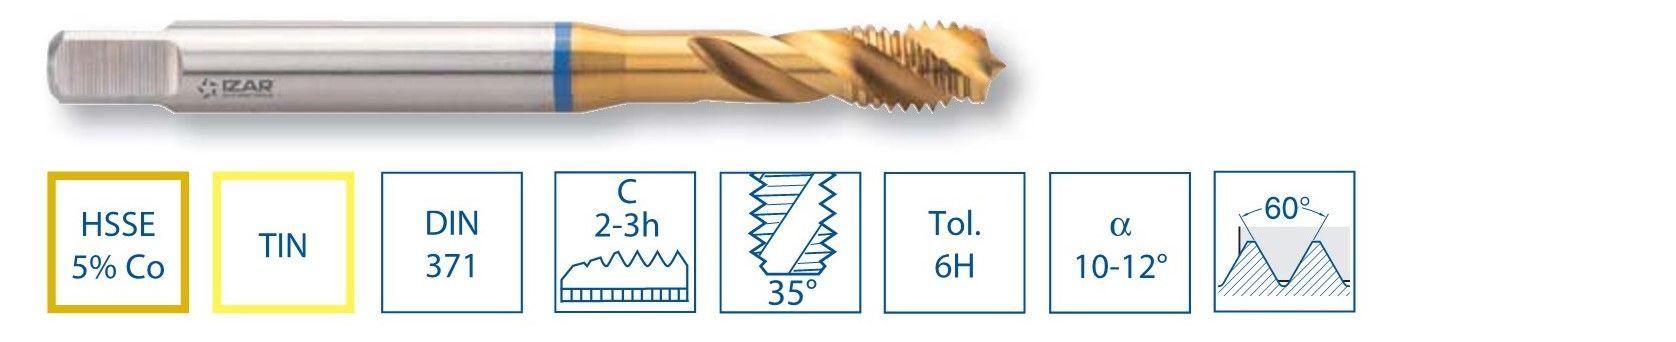 Závitníky - slepý otvor HSSE TiN